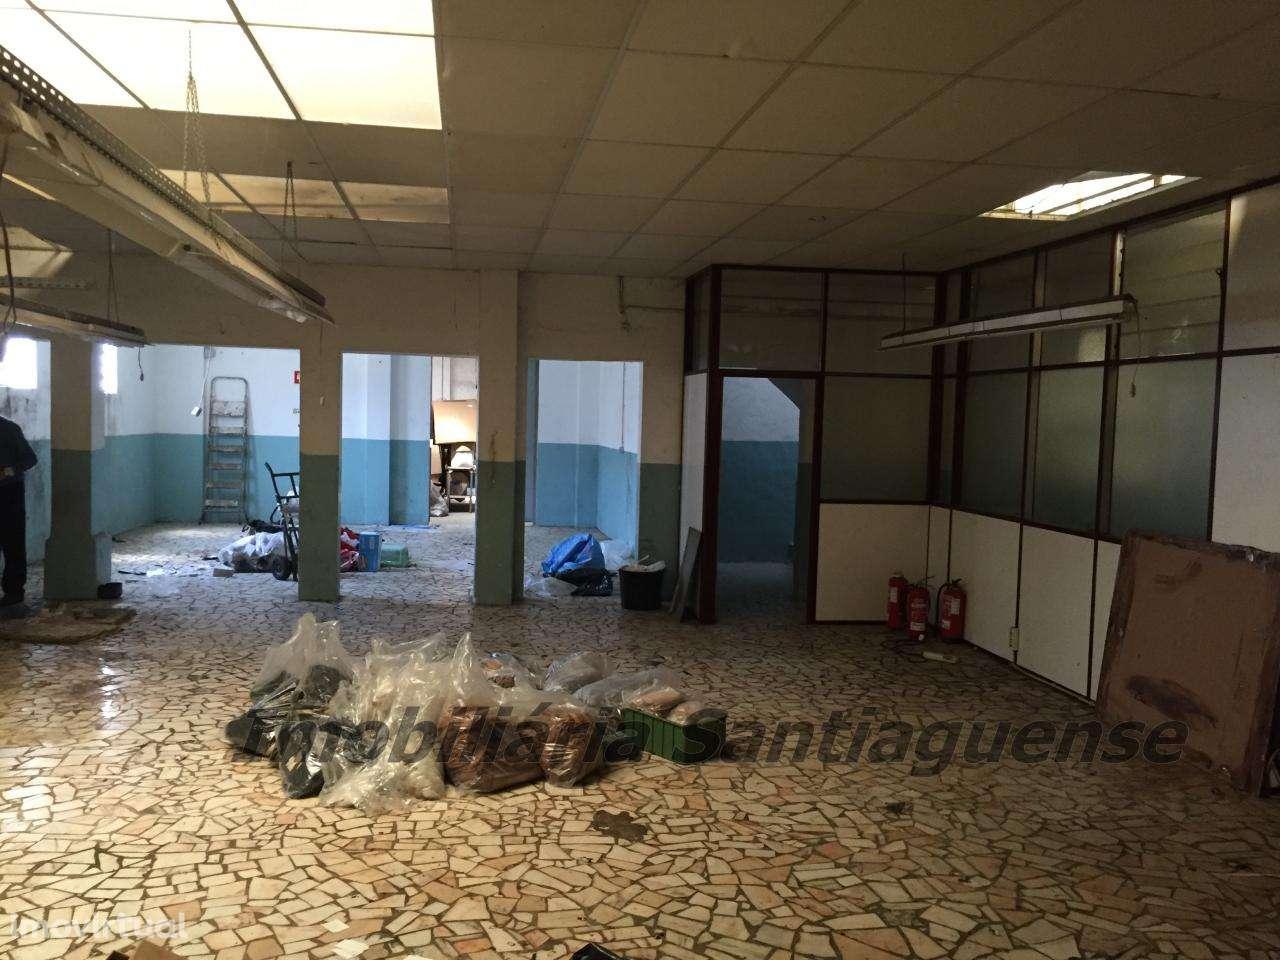 Armazém para arrendar, S. João da Madeira, Aveiro - Foto 2